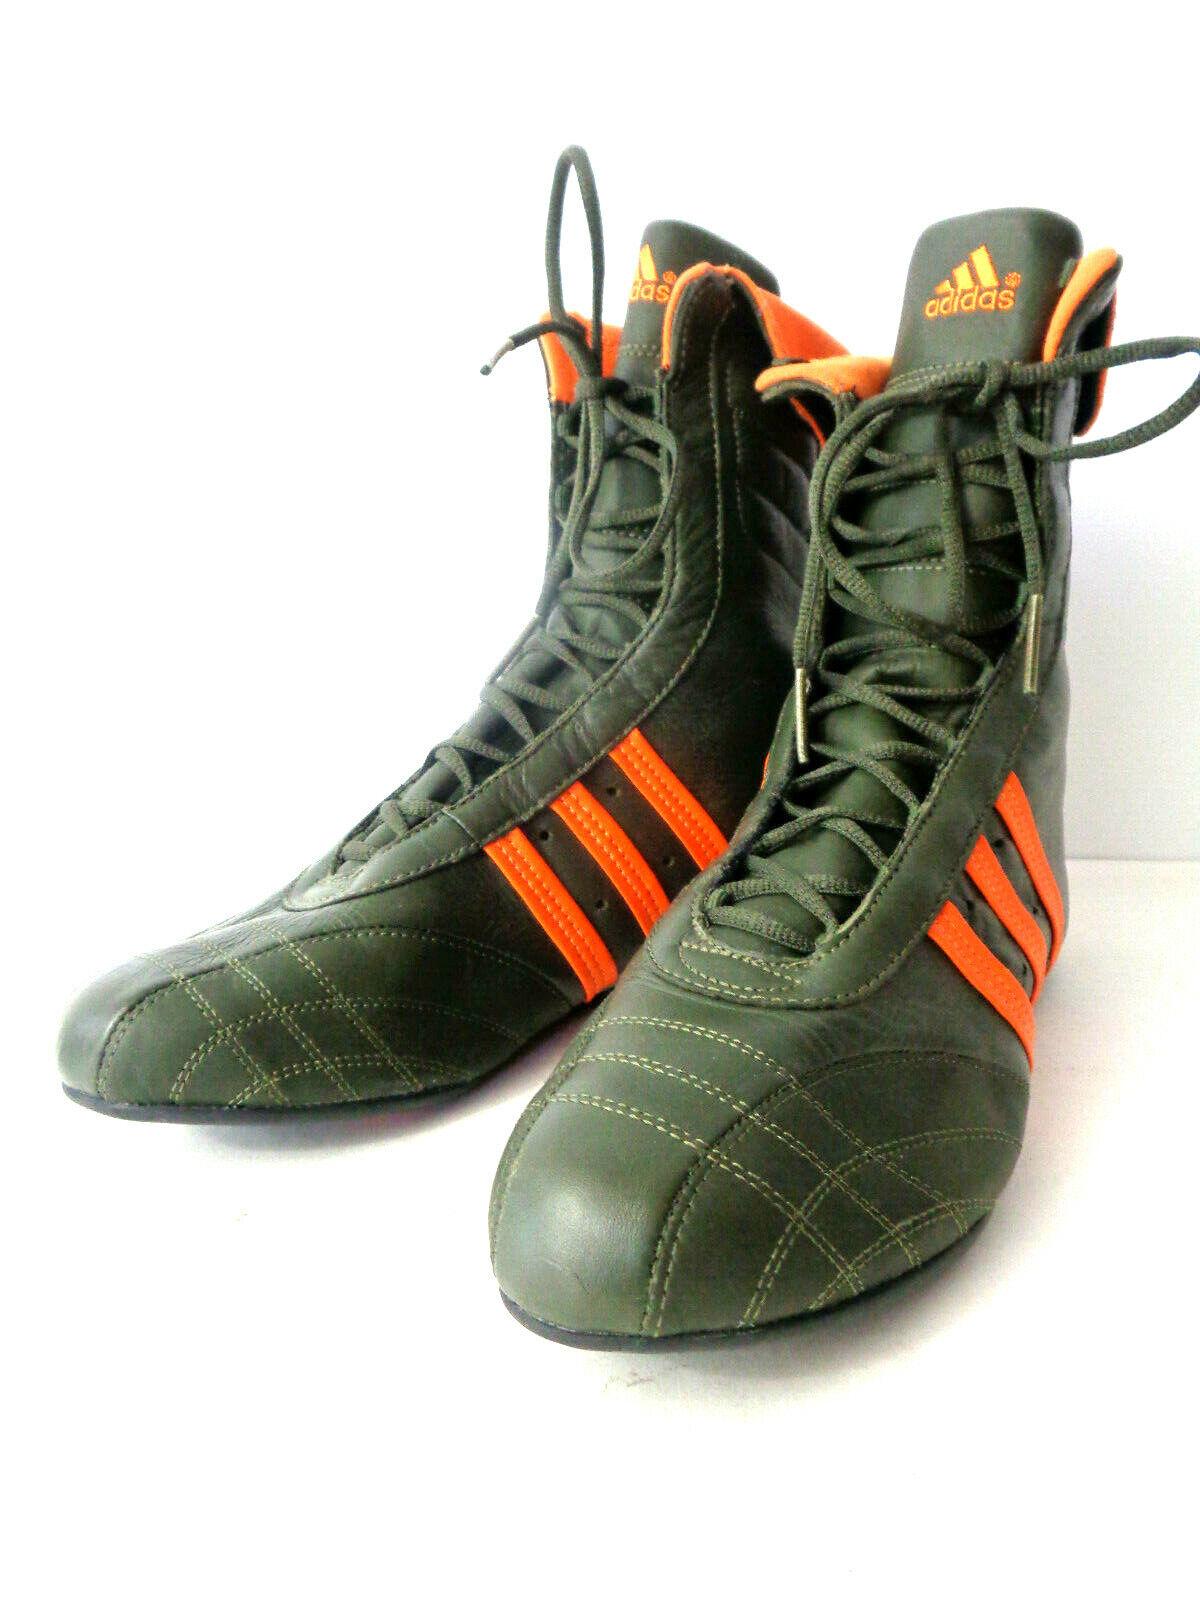 Adidas Vintage 2004 Hombres Zapatos de boxeo 7.5M 040039 verde oliva naranja de cuero